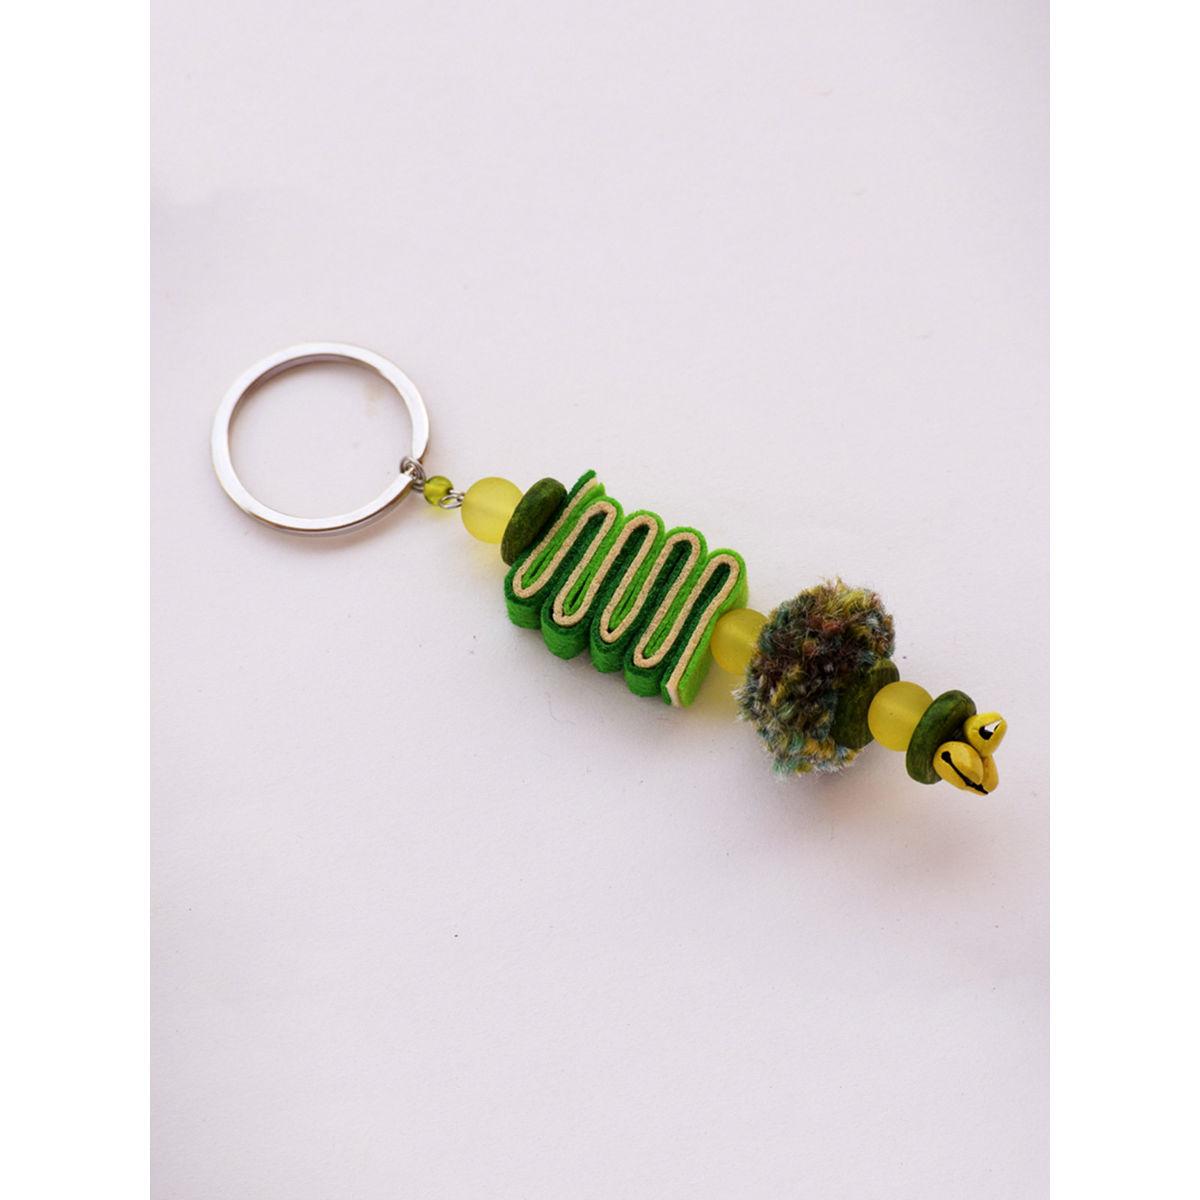 Caterpillar Keychain - Green